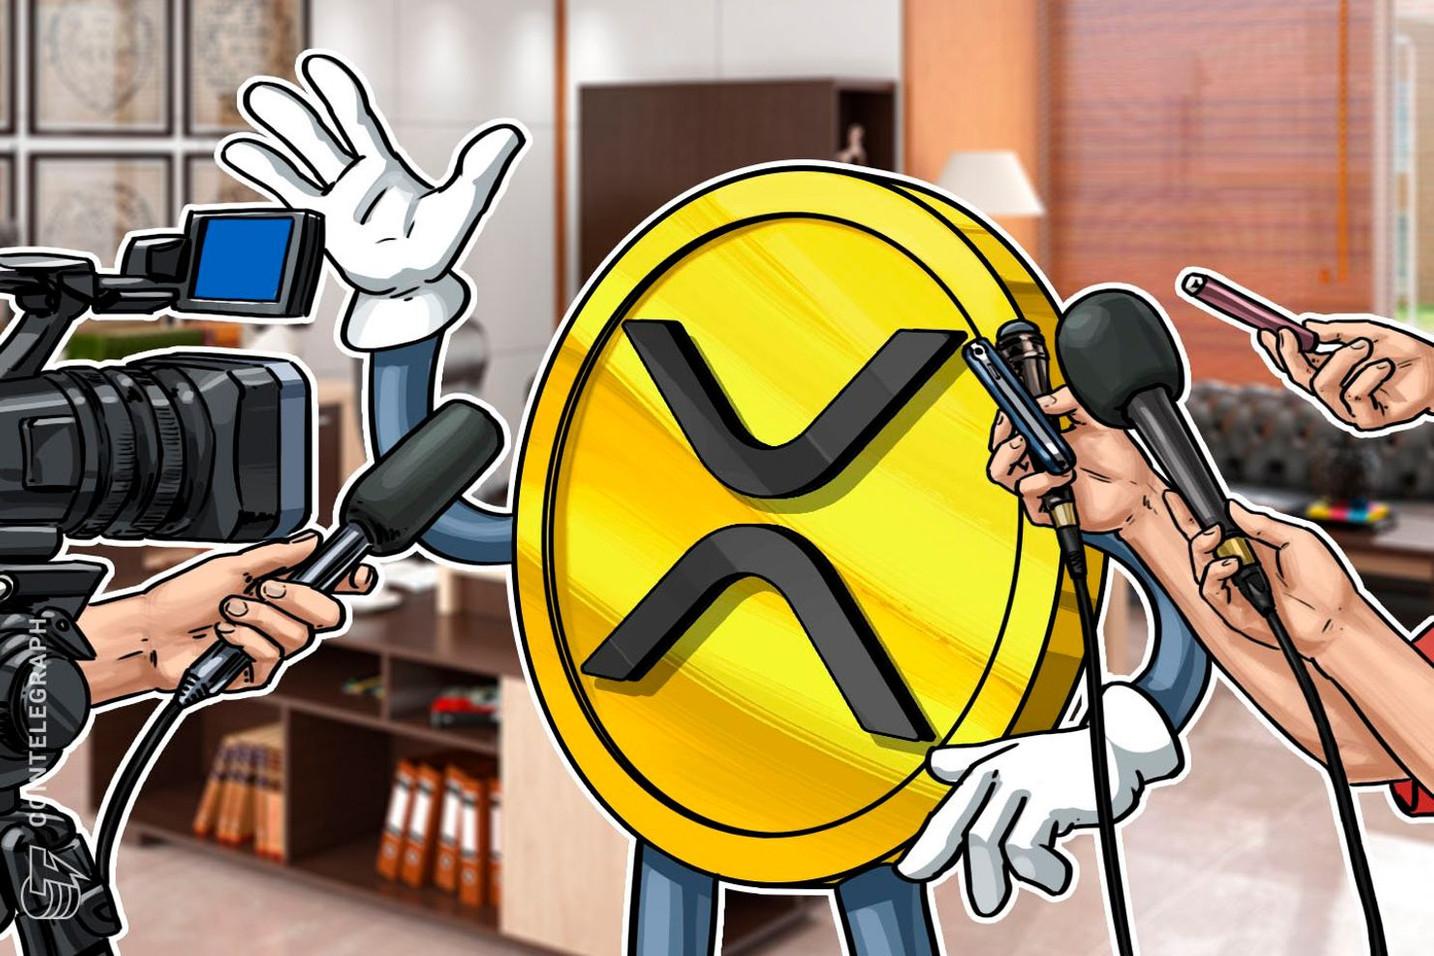 La Comisión de Bolsa y Valores de EEUU se compadece de los corredores que manejan tokens de valores